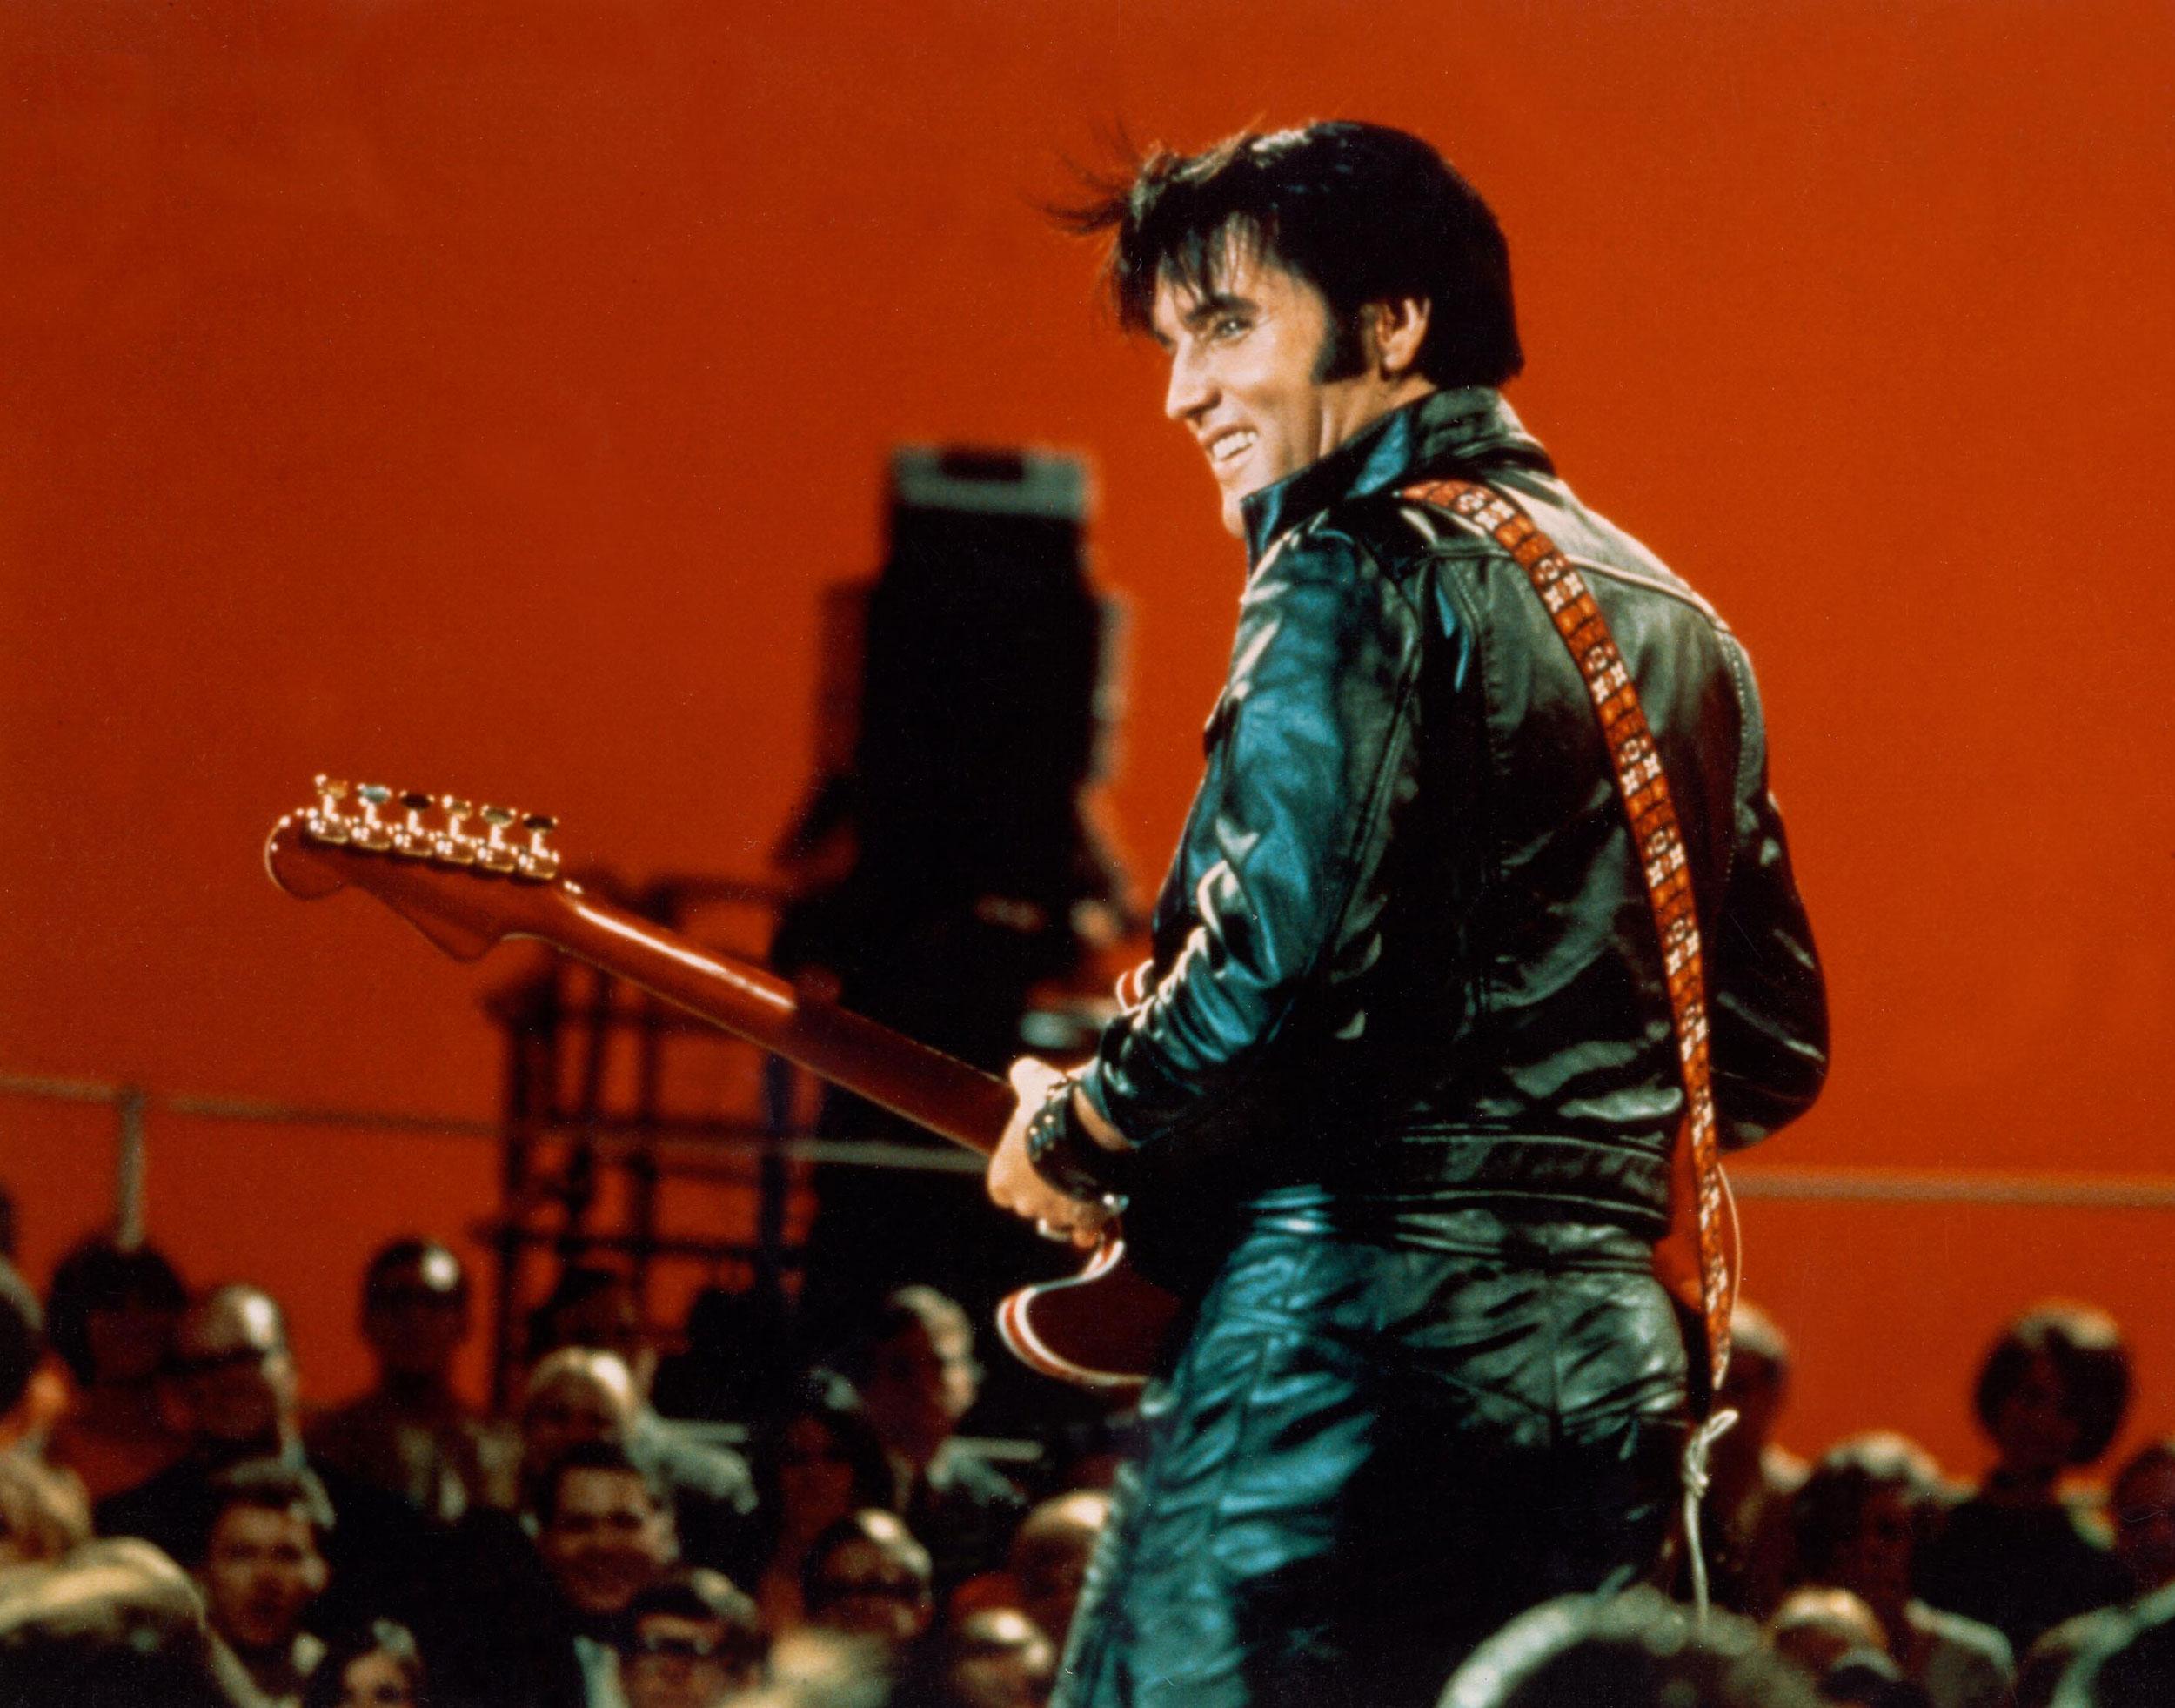 How Elvis Presley Did Breakfast photo